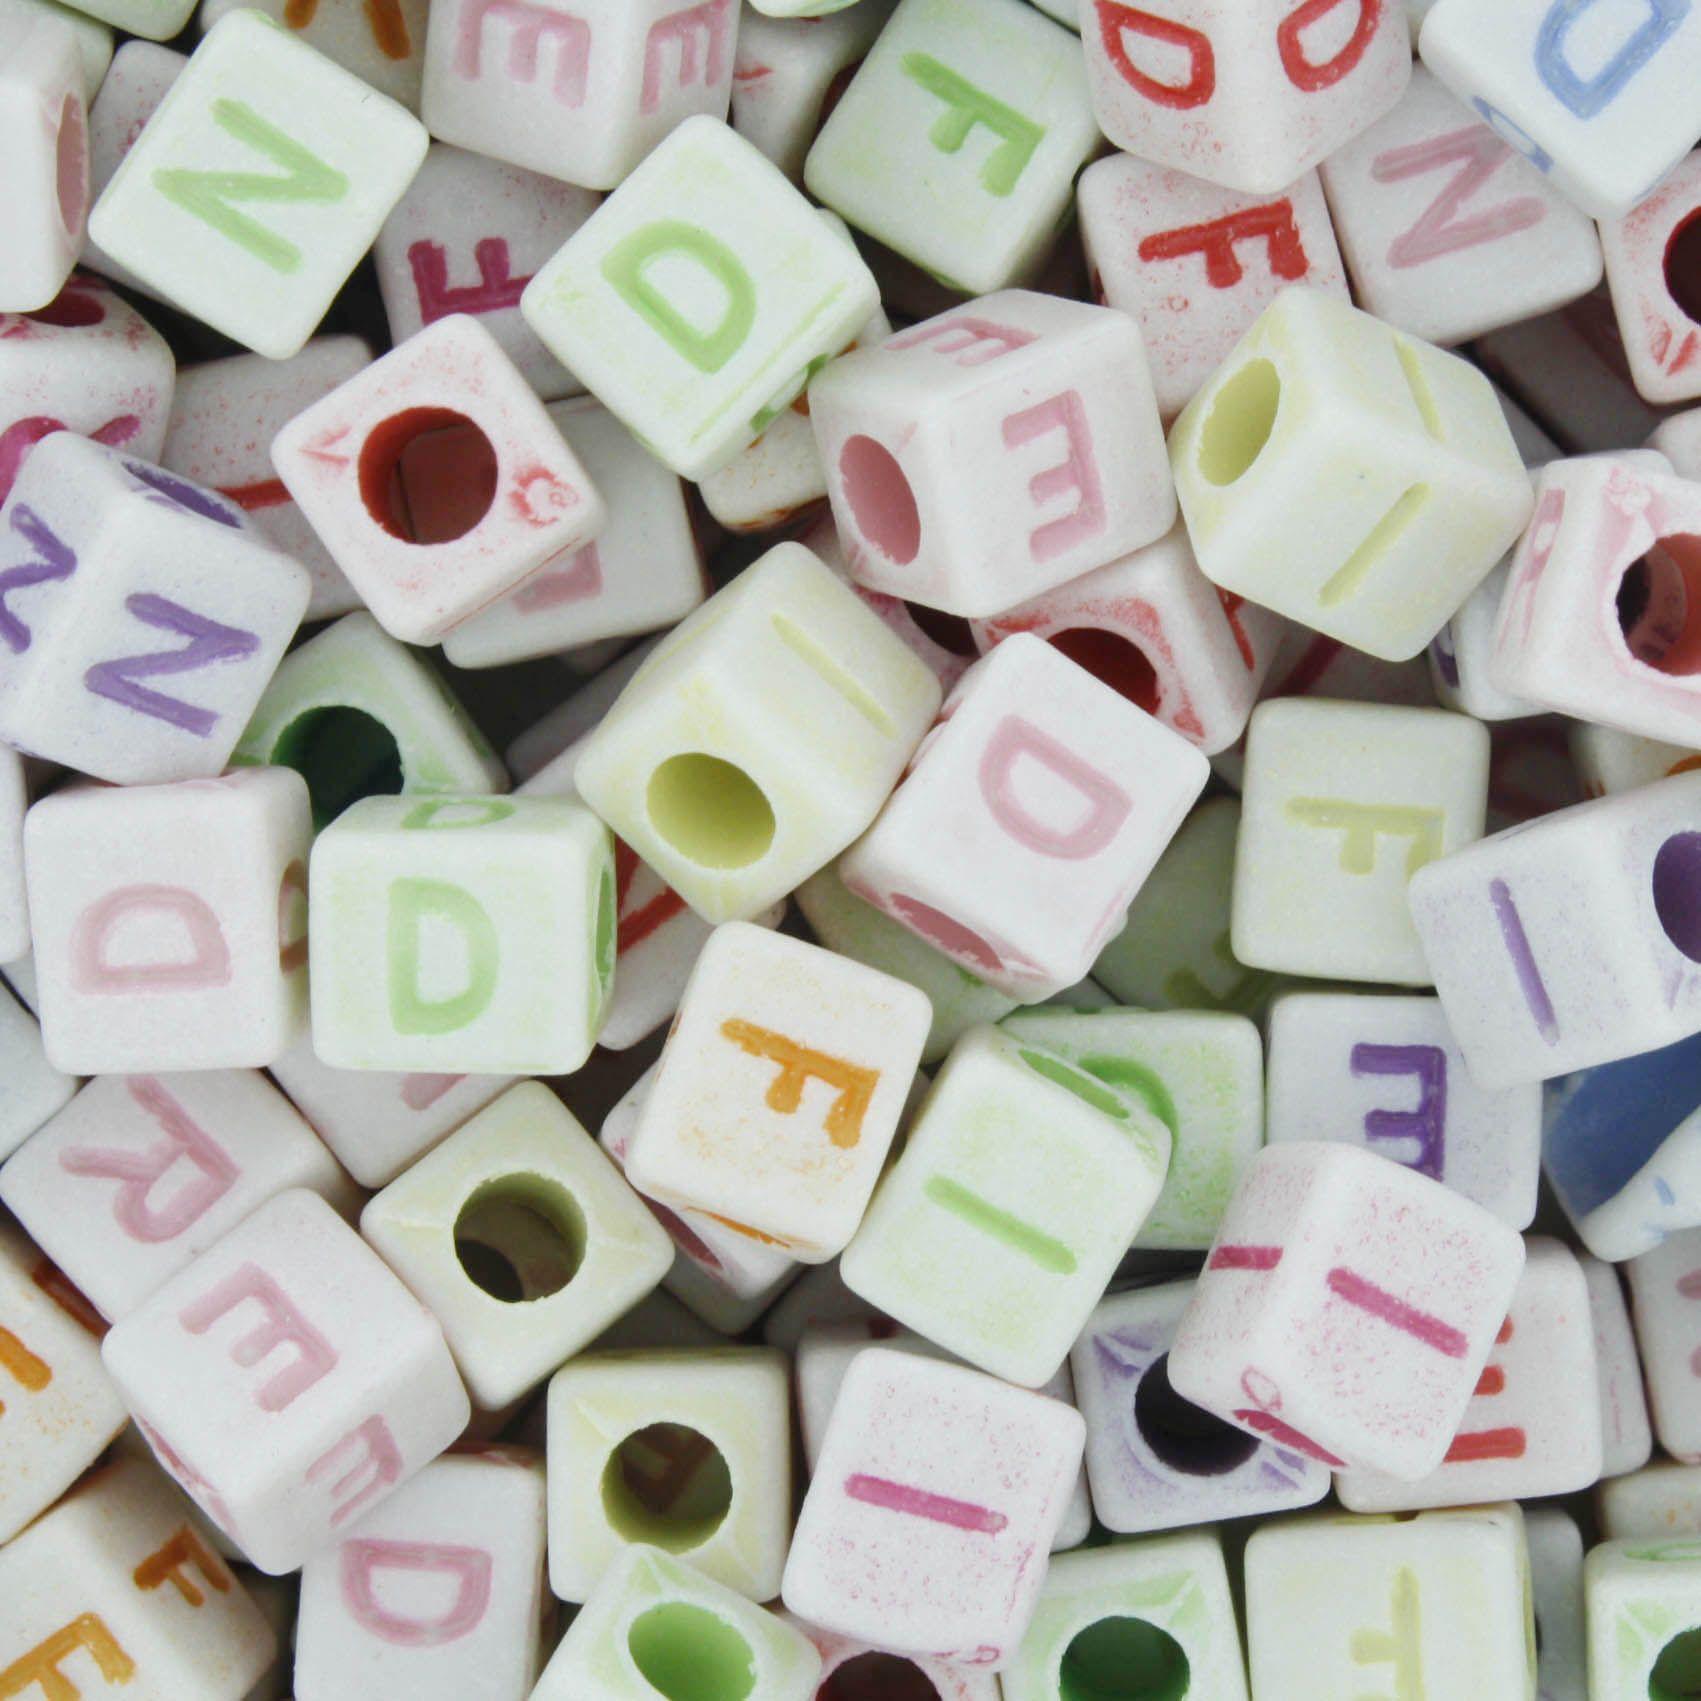 Miçanga Colorida / Infantil - Letras - F R I E N D - Cubo  - Stéphanie Bijoux® - Peças para Bijuterias e Artesanato